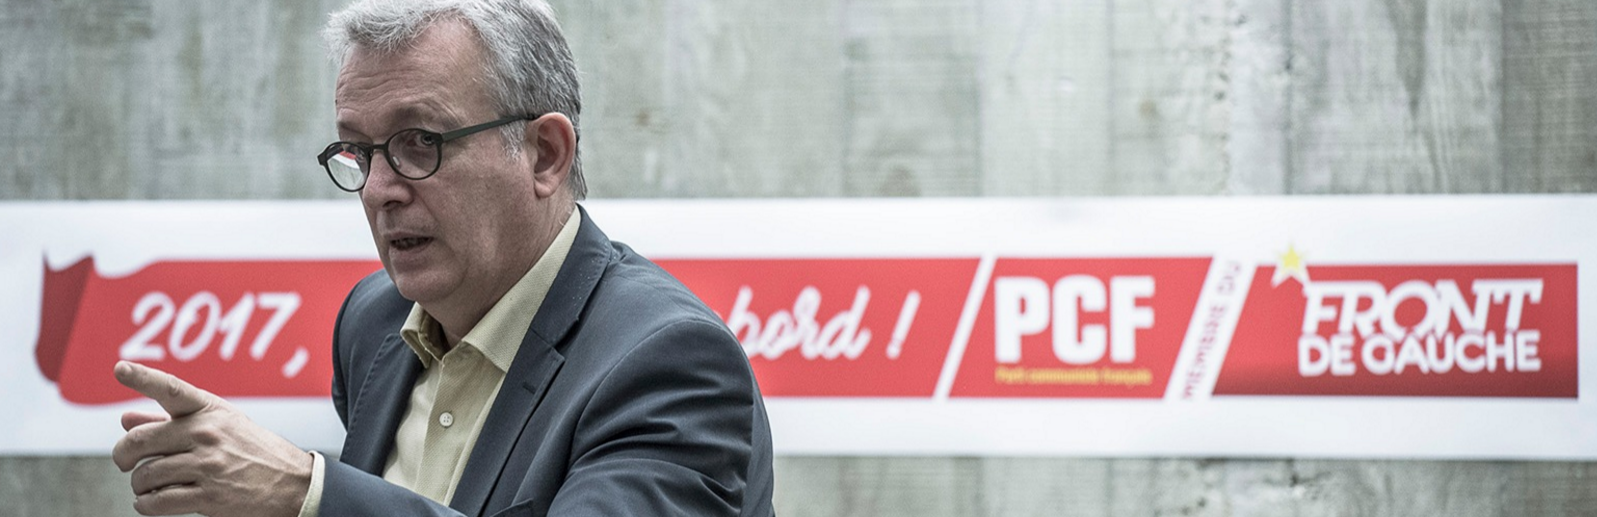 Législatives : Pierre Laurent (PCF) reconnait qu'il n'y aura pas d'accord avec Mélenchon